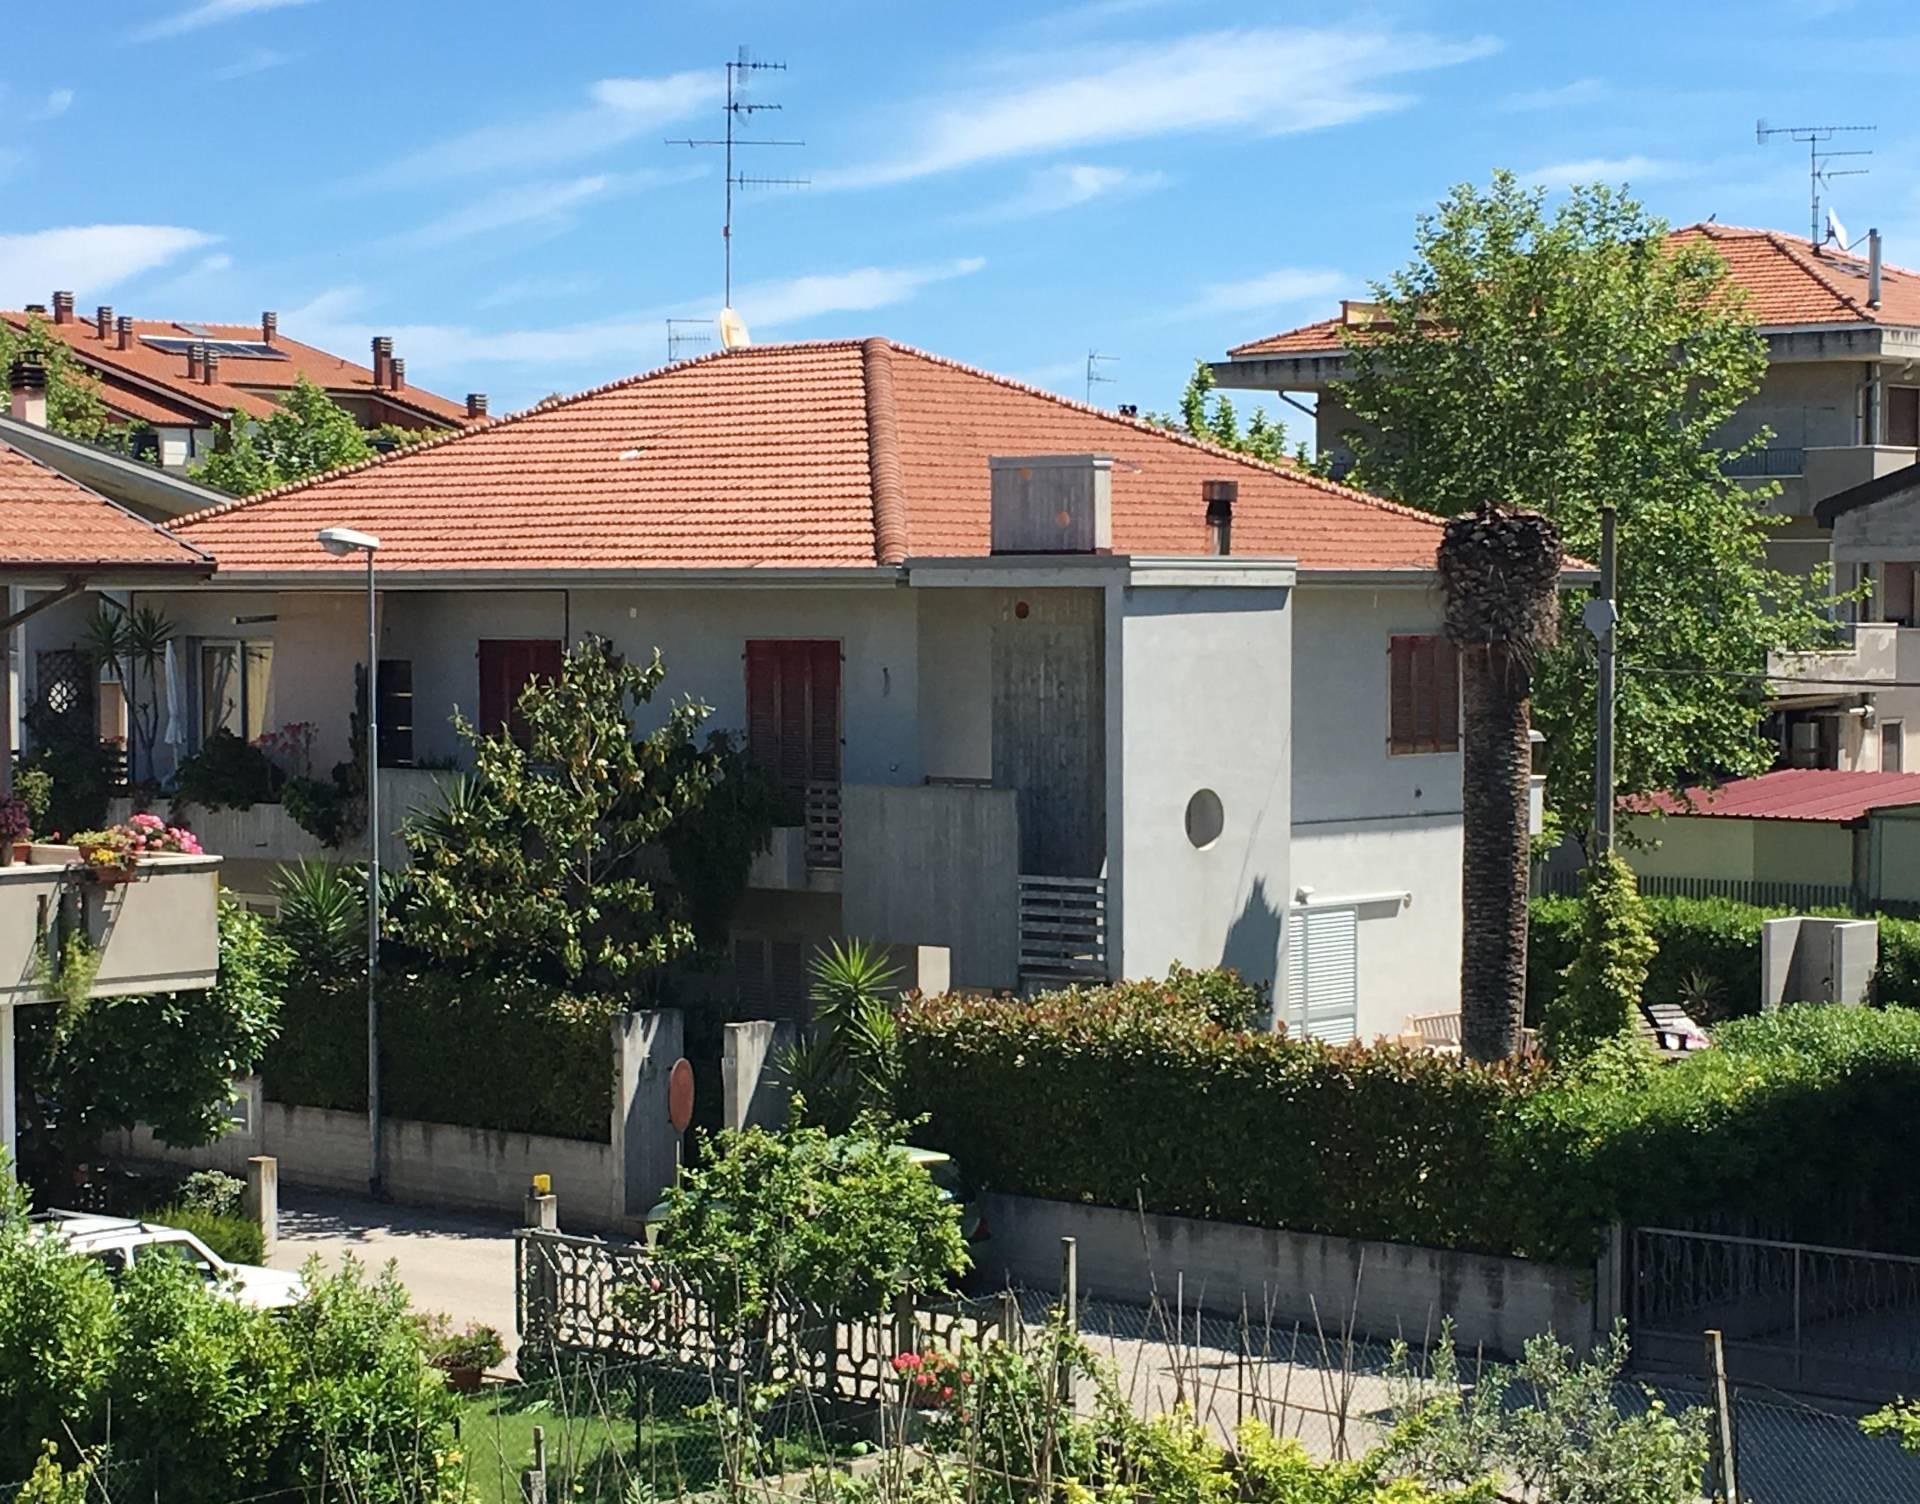 Soluzione Indipendente in vendita a Martinsicuro, 11 locali, zona Località: VillaRosa, prezzo € 288.000 | Cambio Casa.it